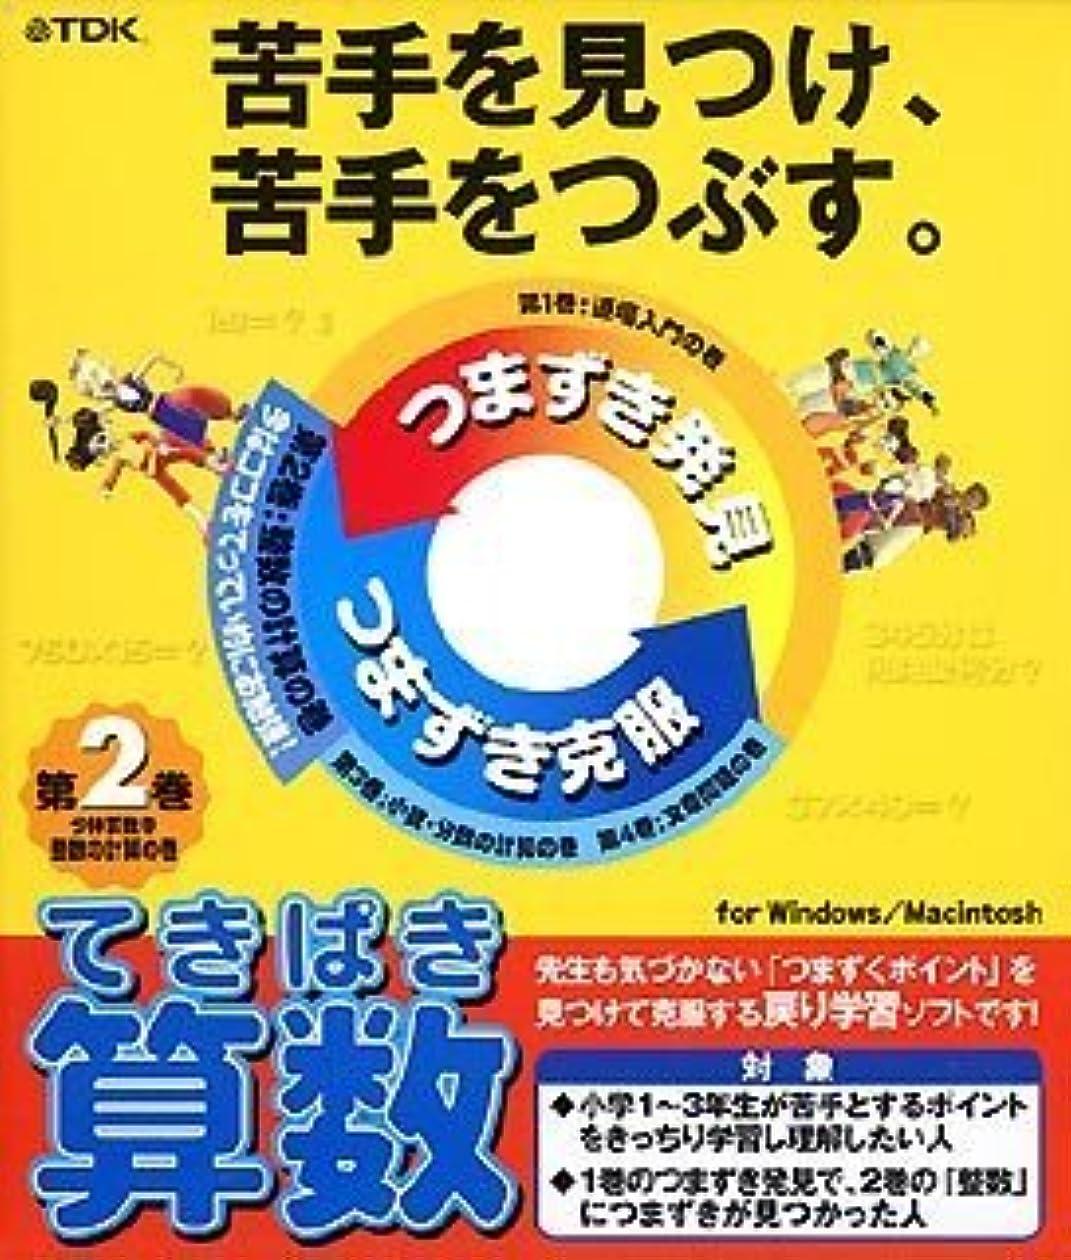 時間とともに市場減るてきぱき算数 第2巻「少林算数寺 整数の計算の巻」